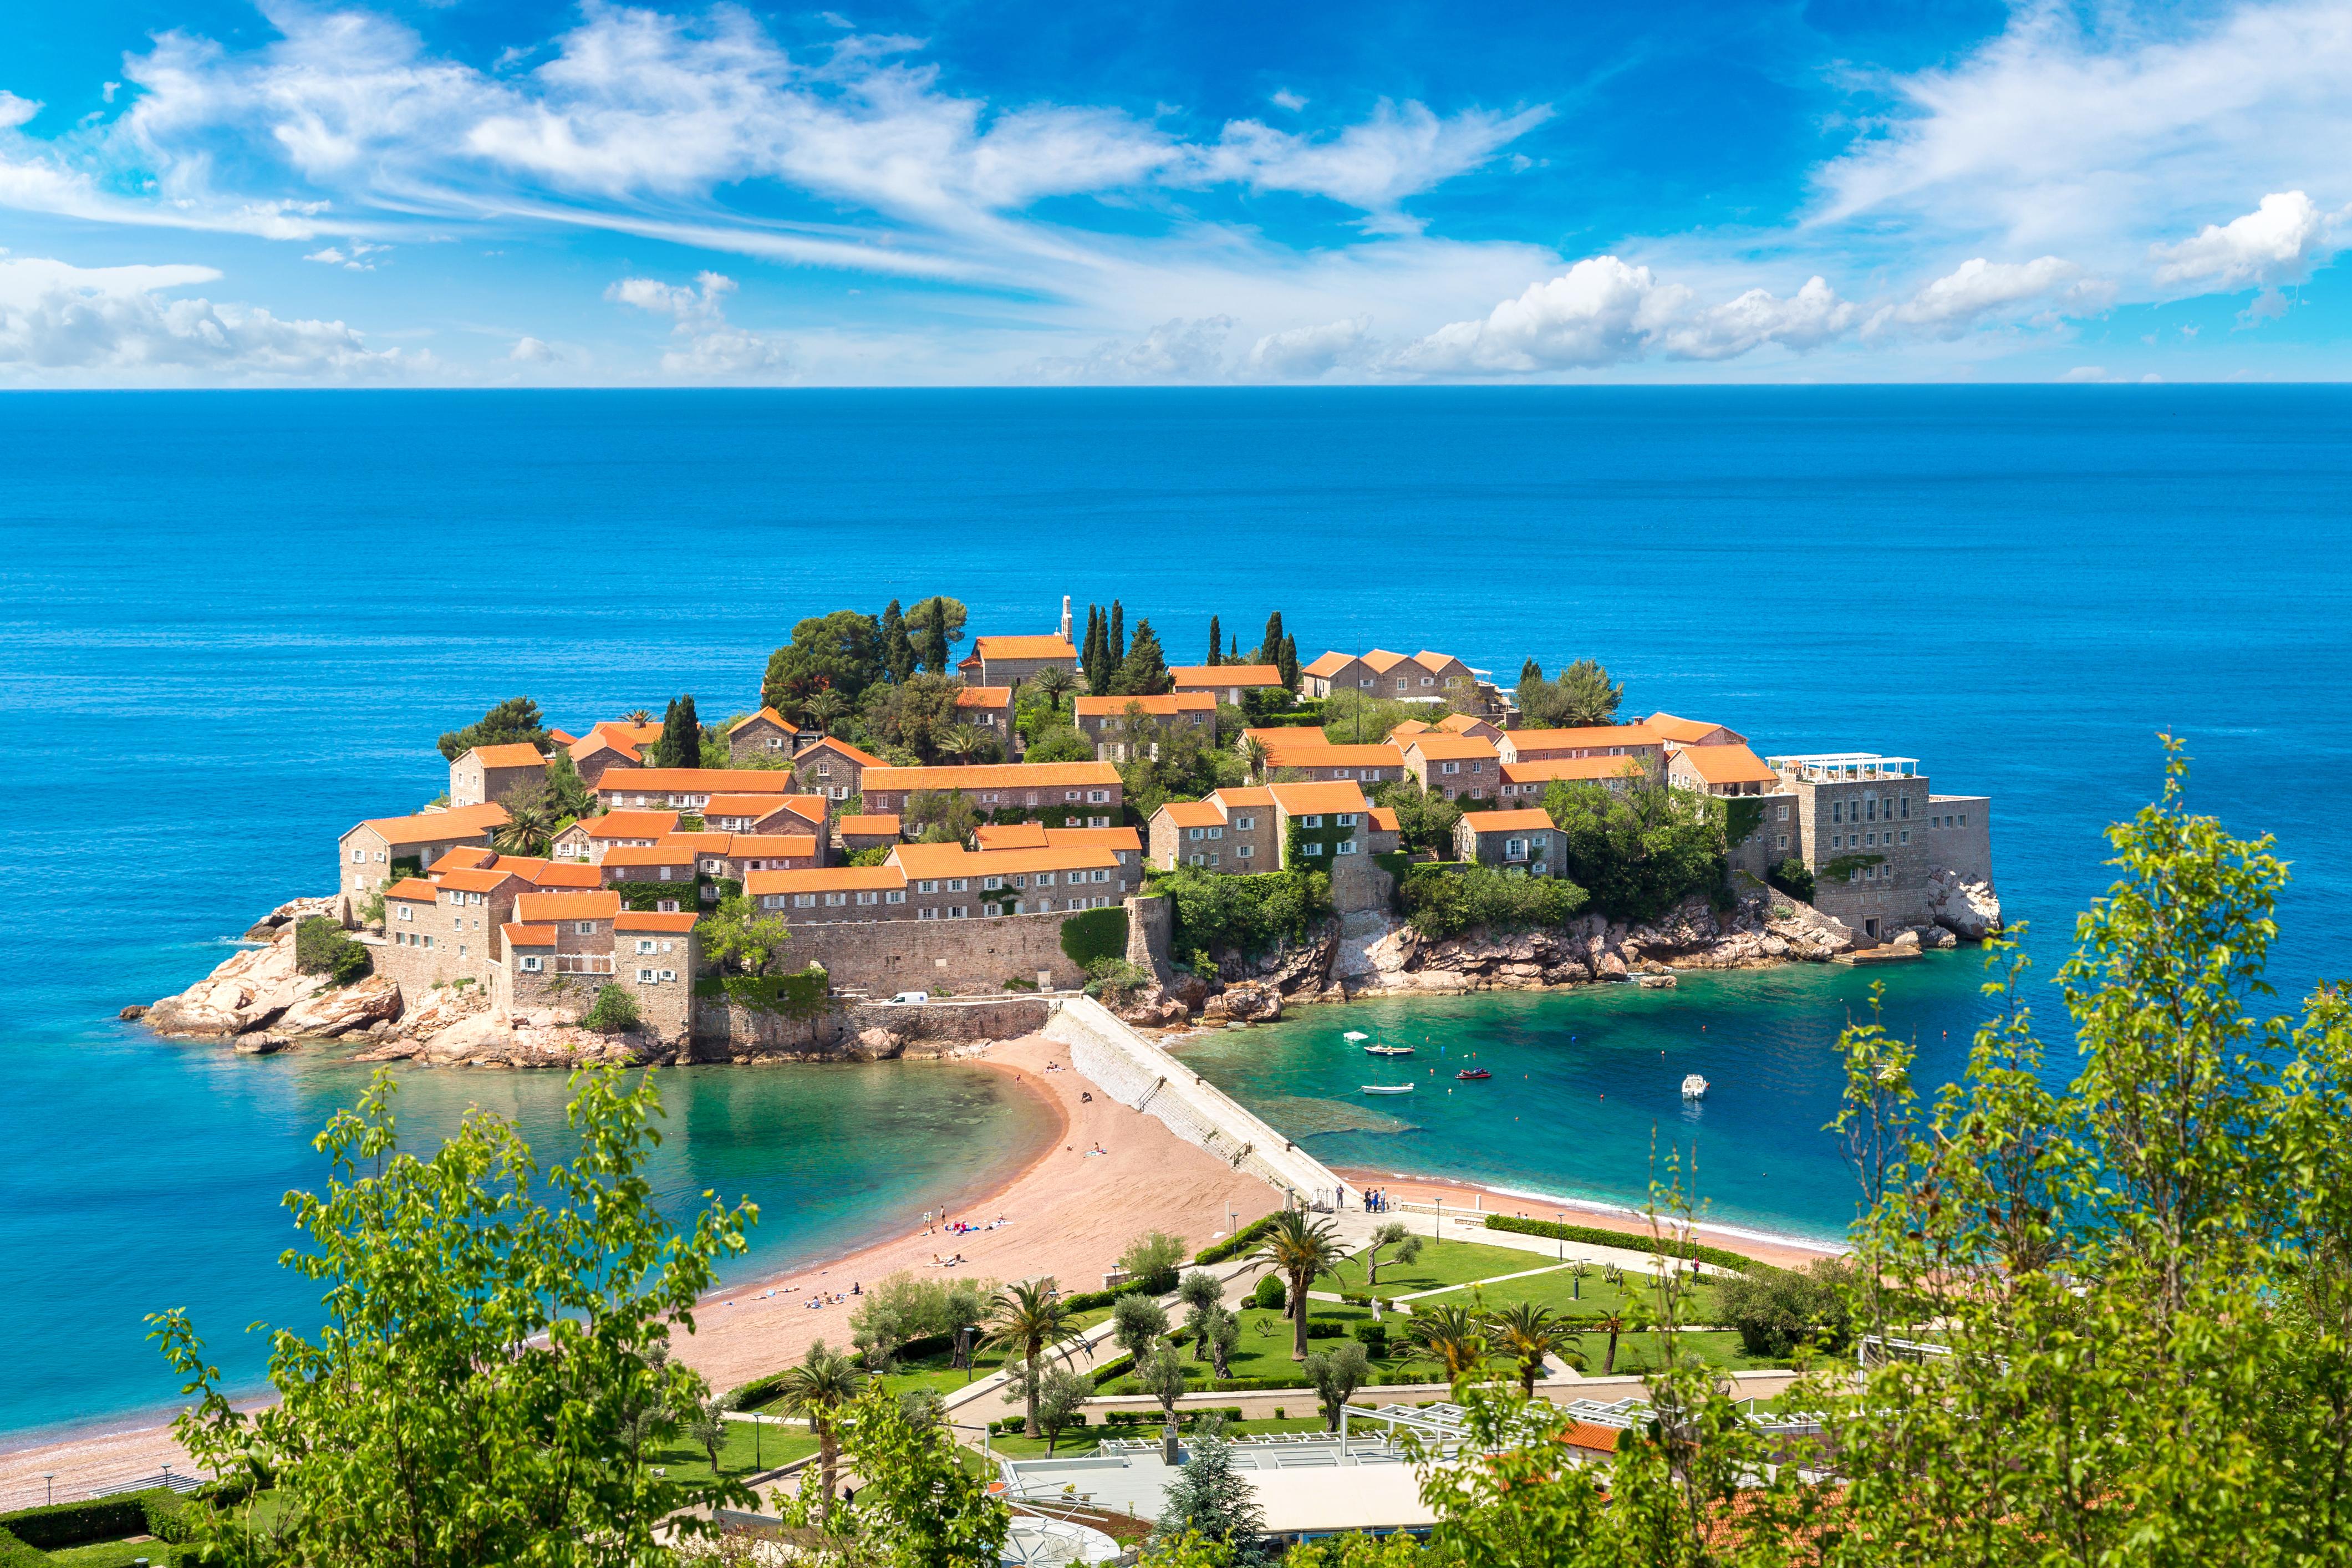 Остров Святого Стефана в Будве, в Черногории, ПМЖ которой могут получить иностранцы